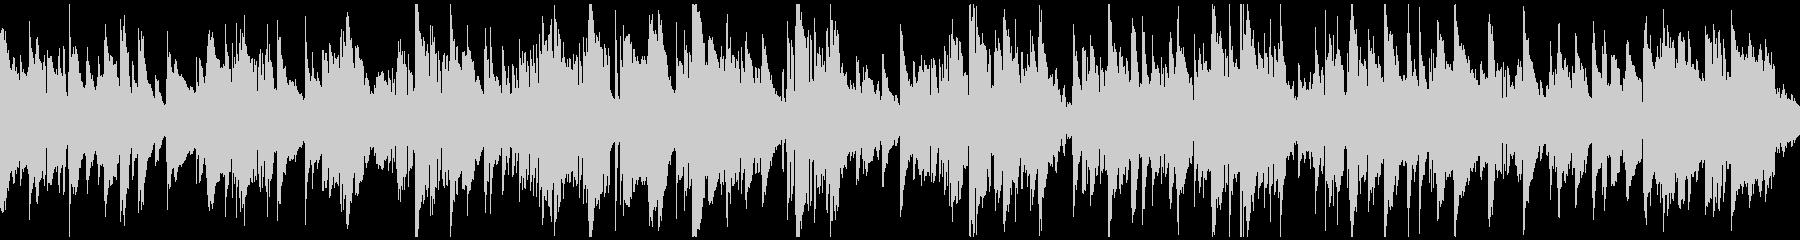 哀愁、悲しみのジャズバラード ※ループ版の未再生の波形